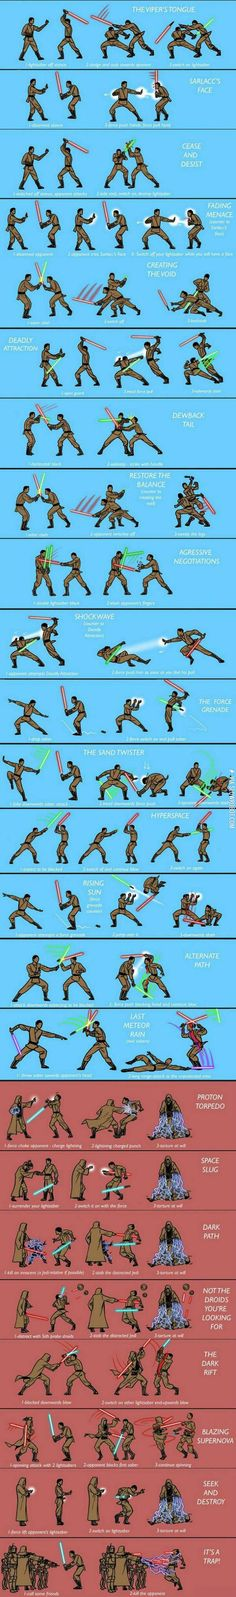 Lightsaber Techniques -- Let the Force flow through you.